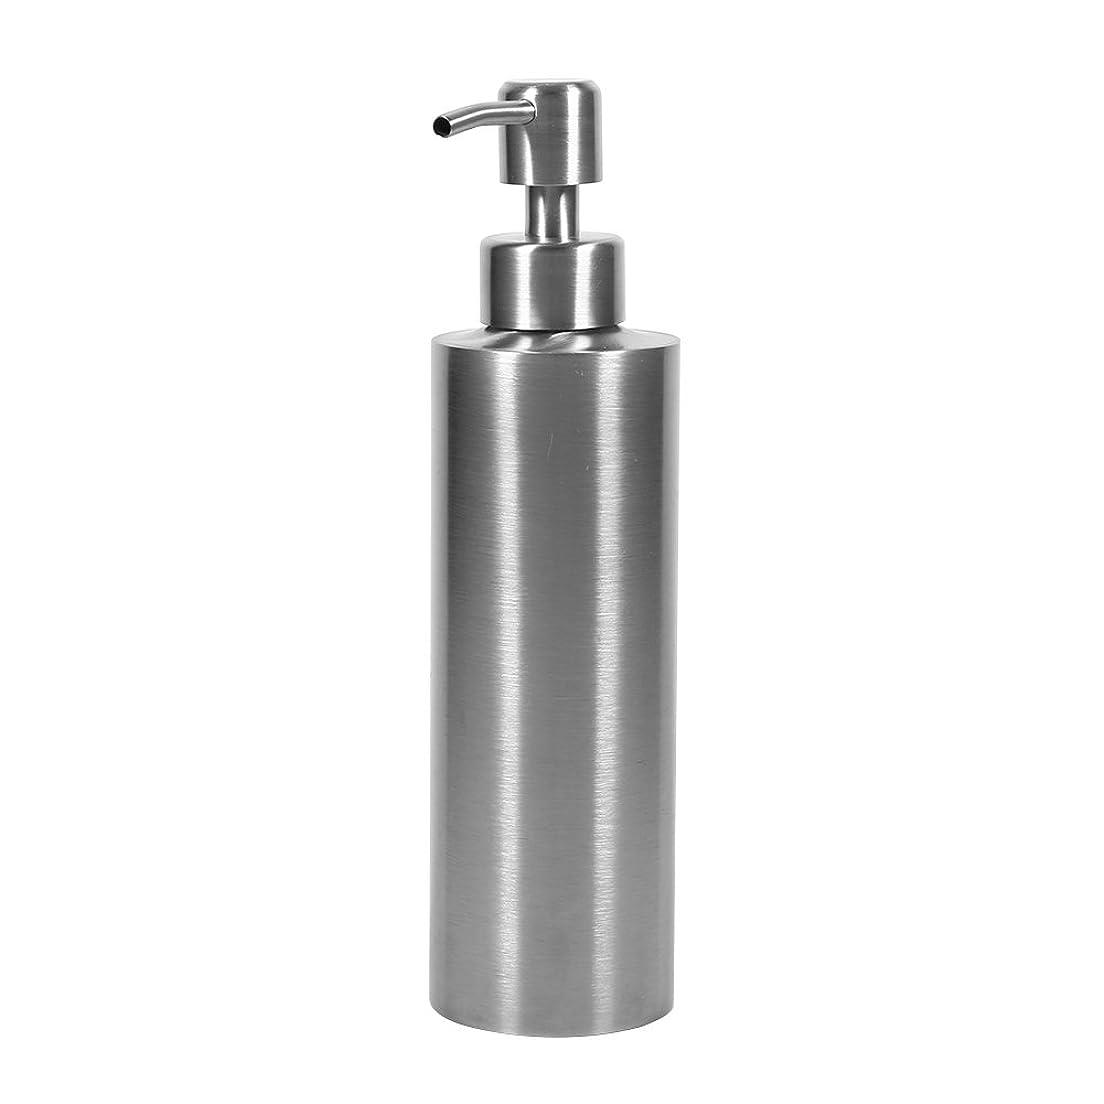 目立つ侵入ケーキ304 ステンレス鋼 シンクソープディスペンサー シンク ソープ シャンプー用ディスペンサー 350ml 石鹸液 ハンドソープ 洗剤 メタル ボトル ポンプ付き キッチン、トイレに適用